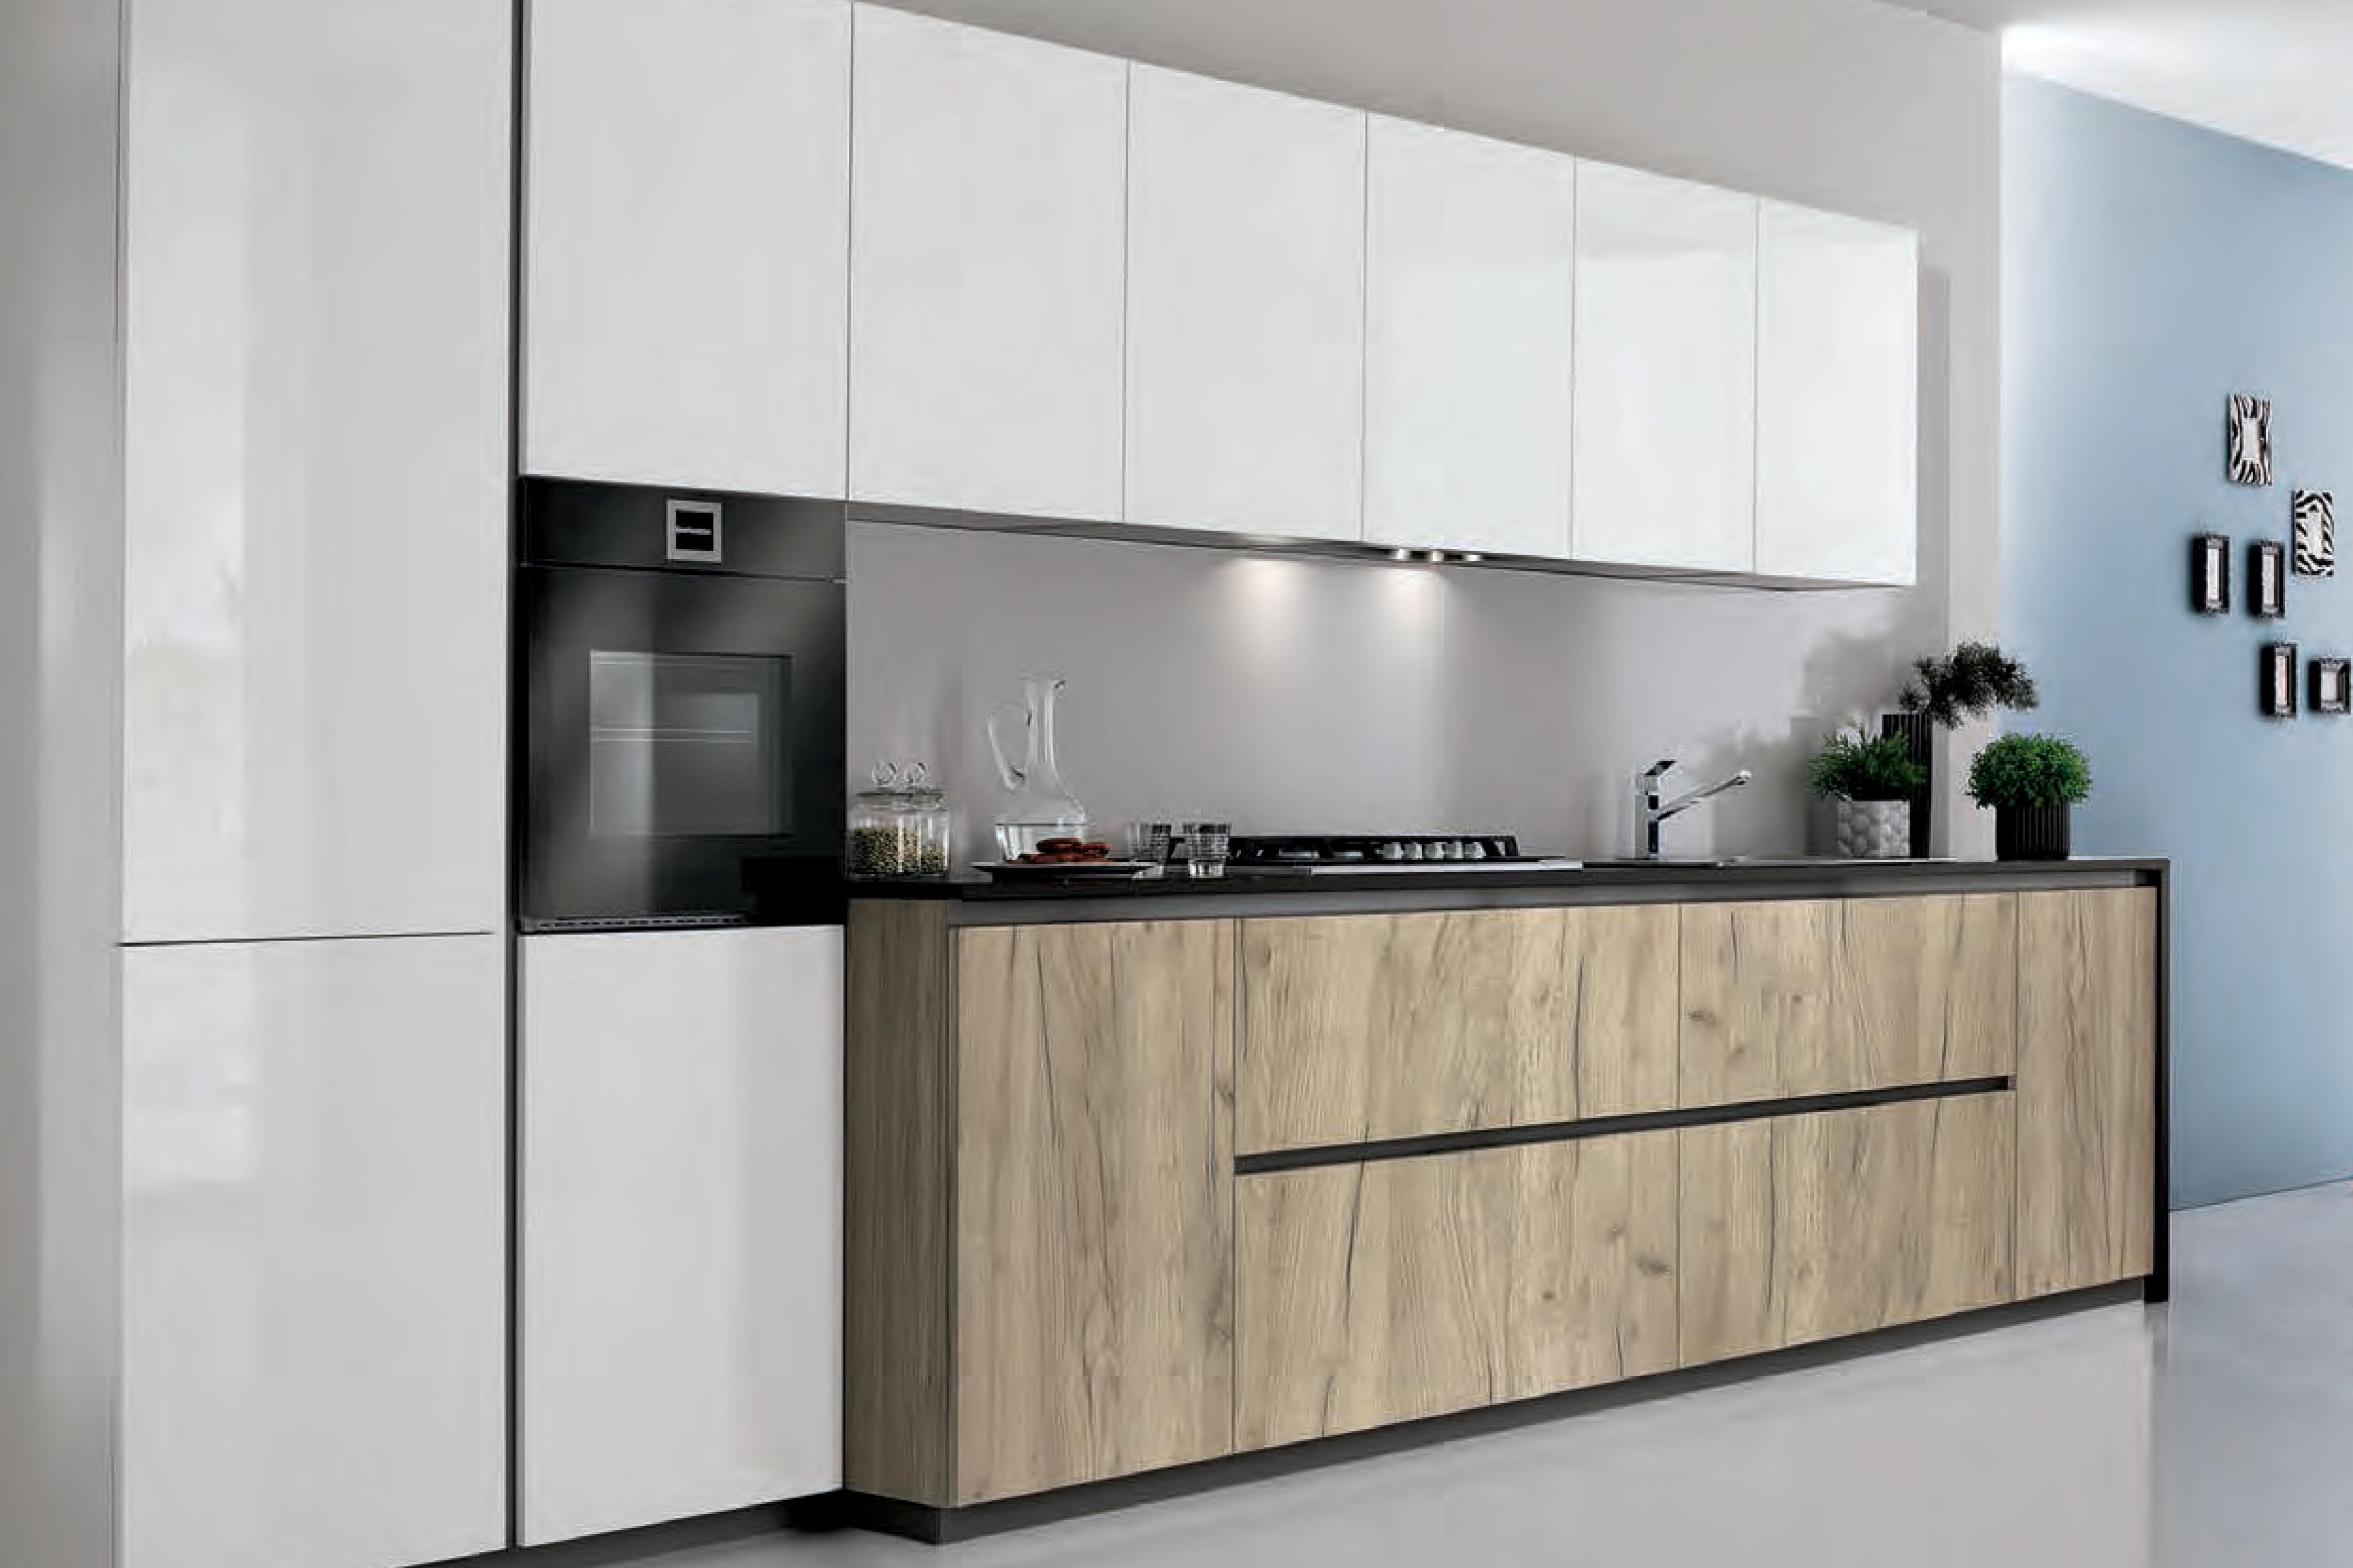 Cucine Su Misura Brescia consigli per la scelta della cucina su misura da anselmini